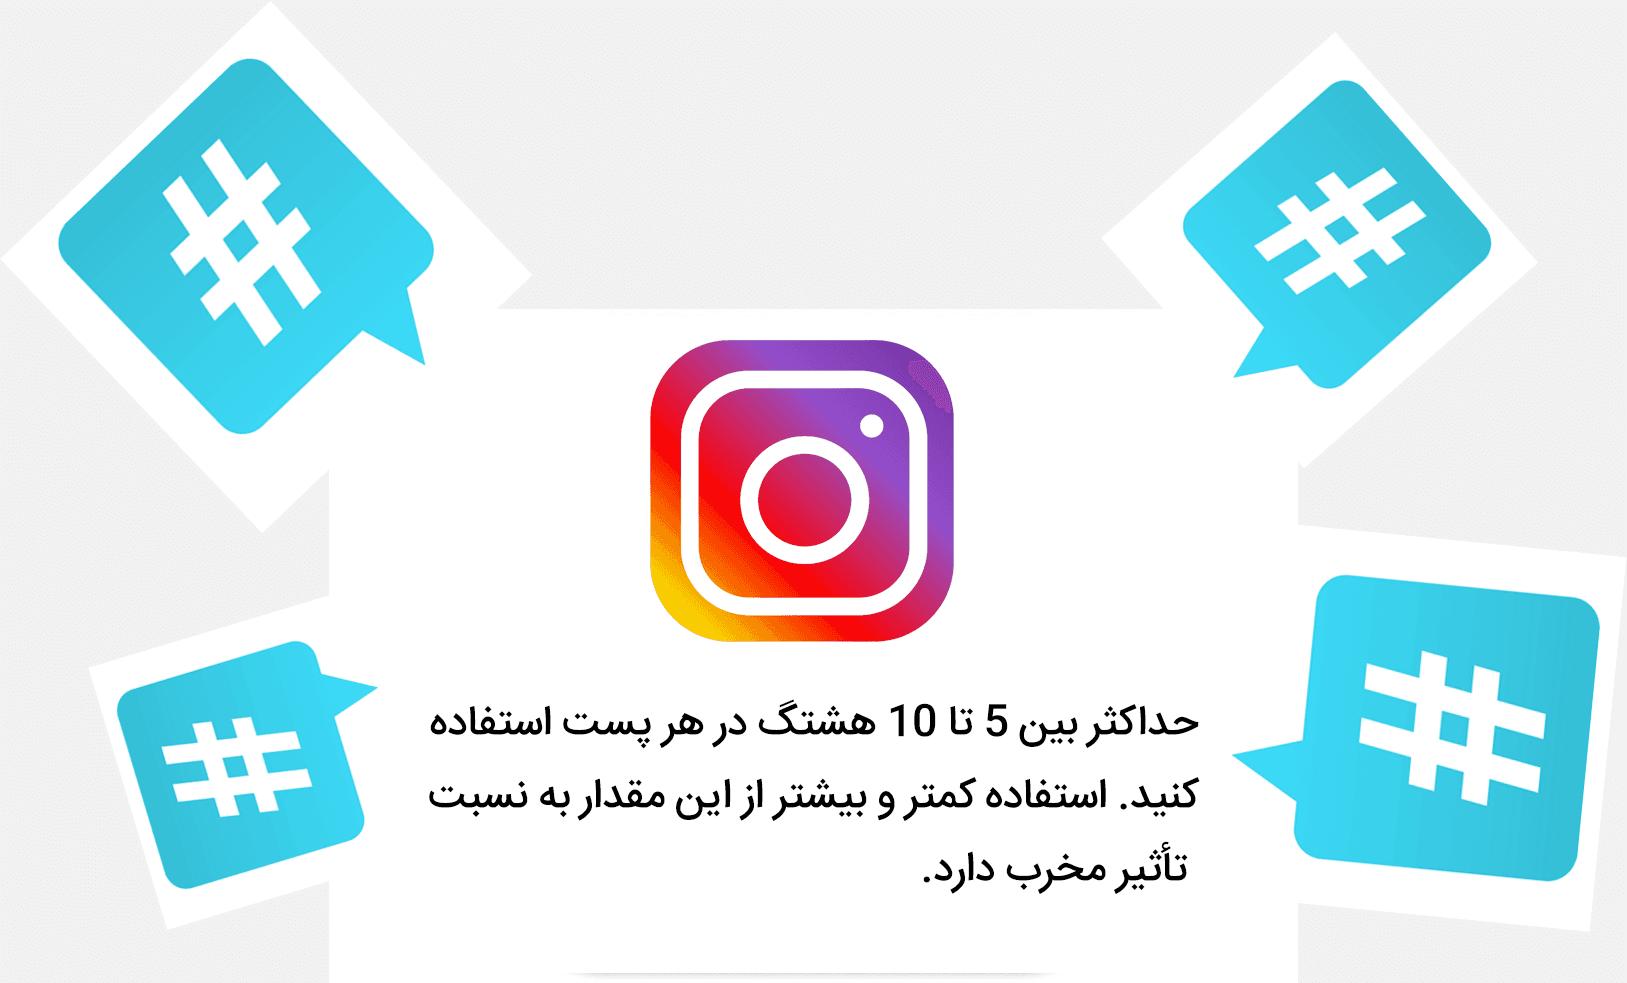 استراتژی تولید محتوای اینستاگرام, شبکه اجتماعی, اینستاگرام ,هشتگ, فالو ,استوری, پست , instagram , تولید محتوا